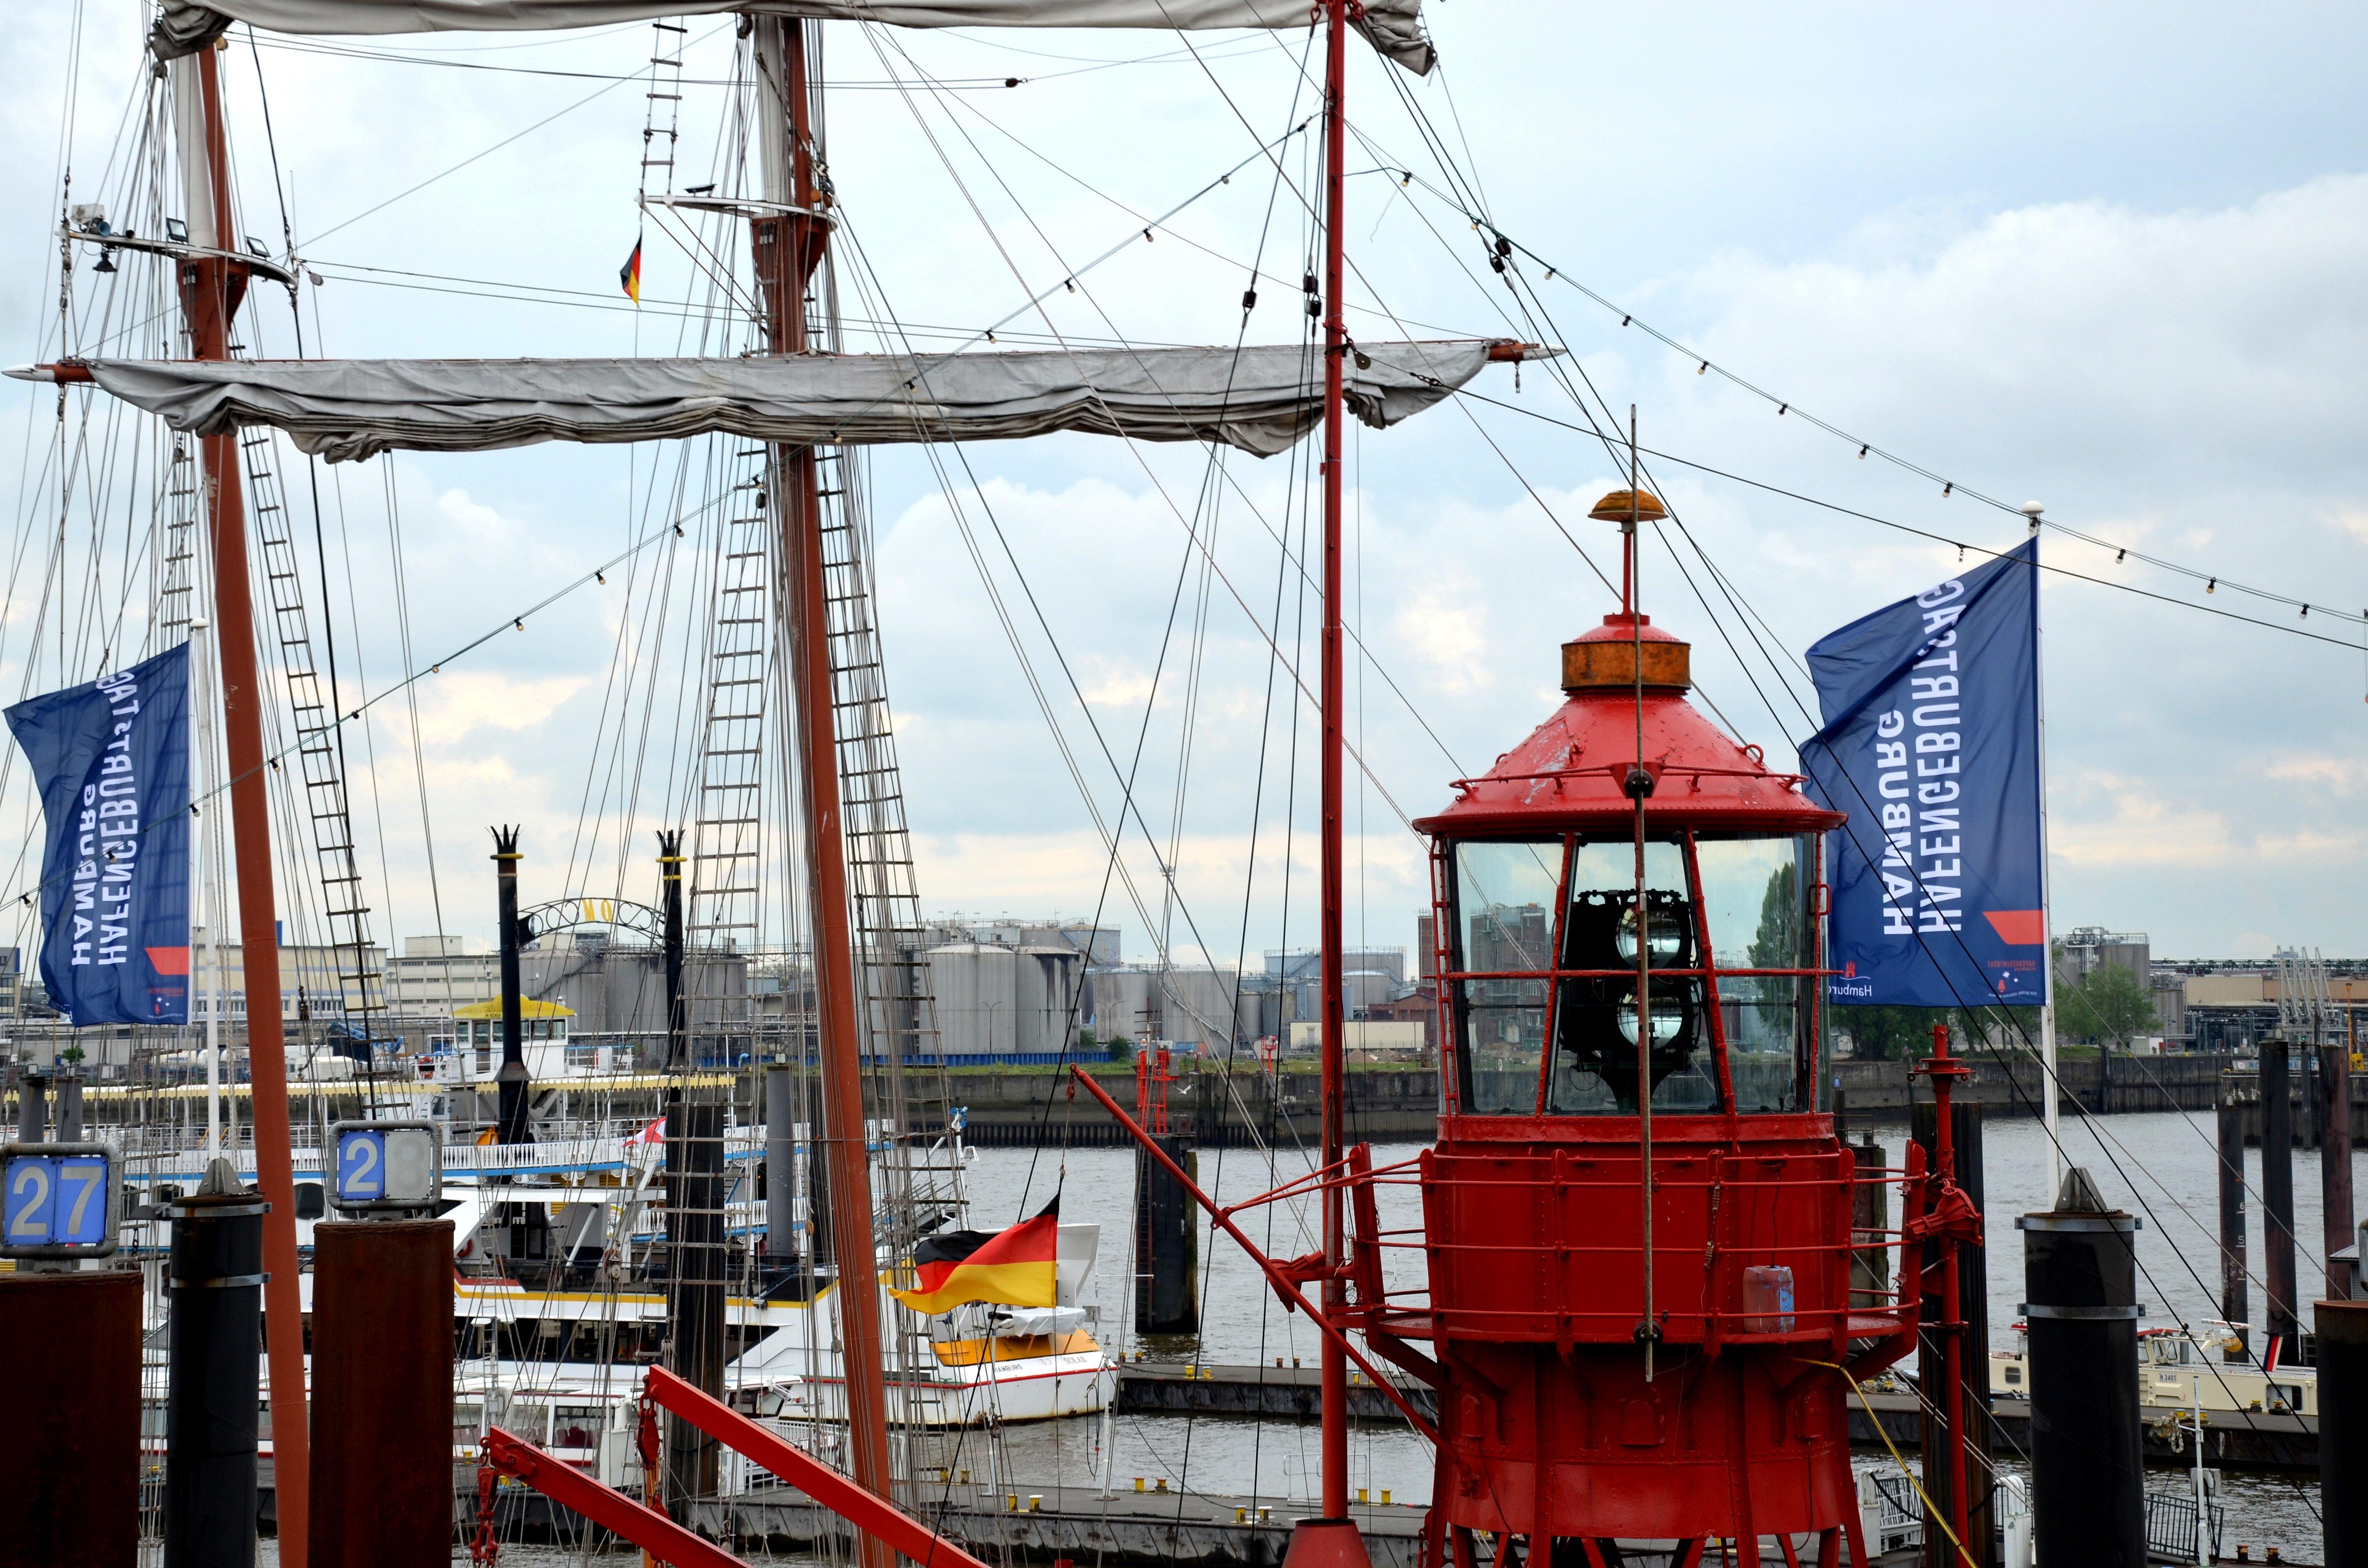 Bis 1989 war das Feuerschiff 36 Jahre lang als Seezeichen für die Schiffahrt vor der englischen Küste unterwegs.